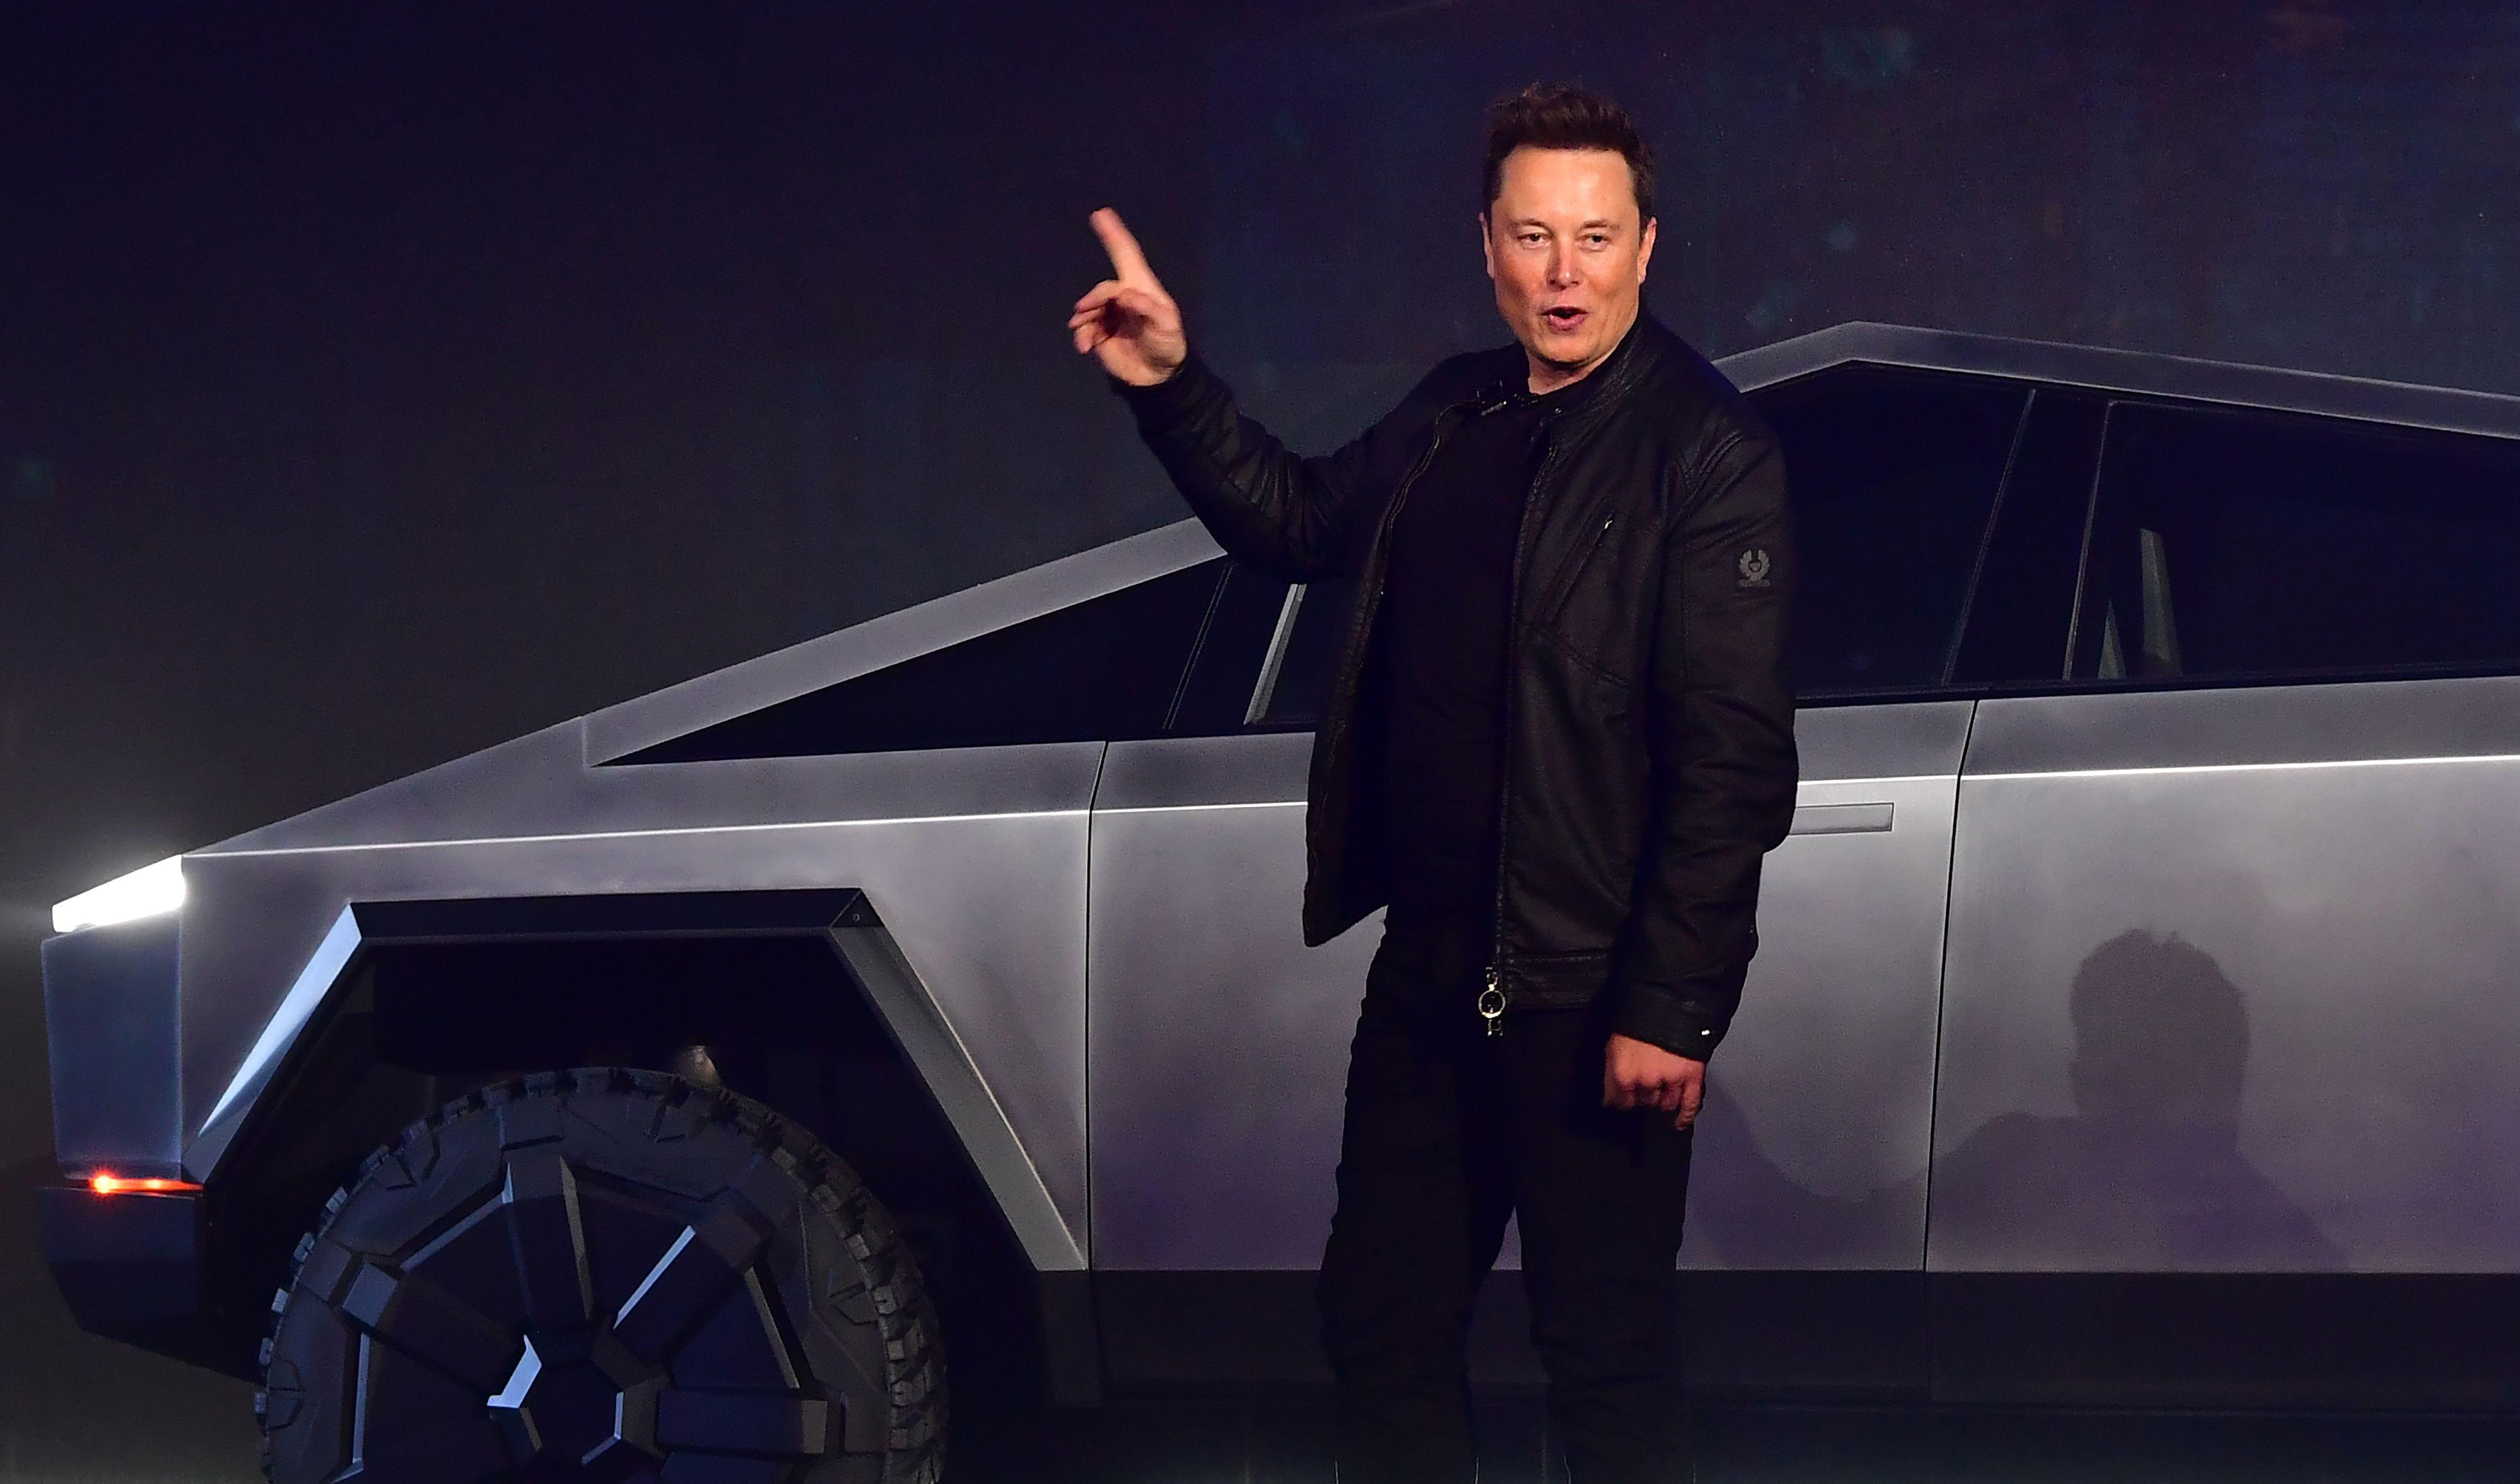 Tesla-baas Elon Musk presenteert het nieuwste Tesla model, de Tesla Cybertruck